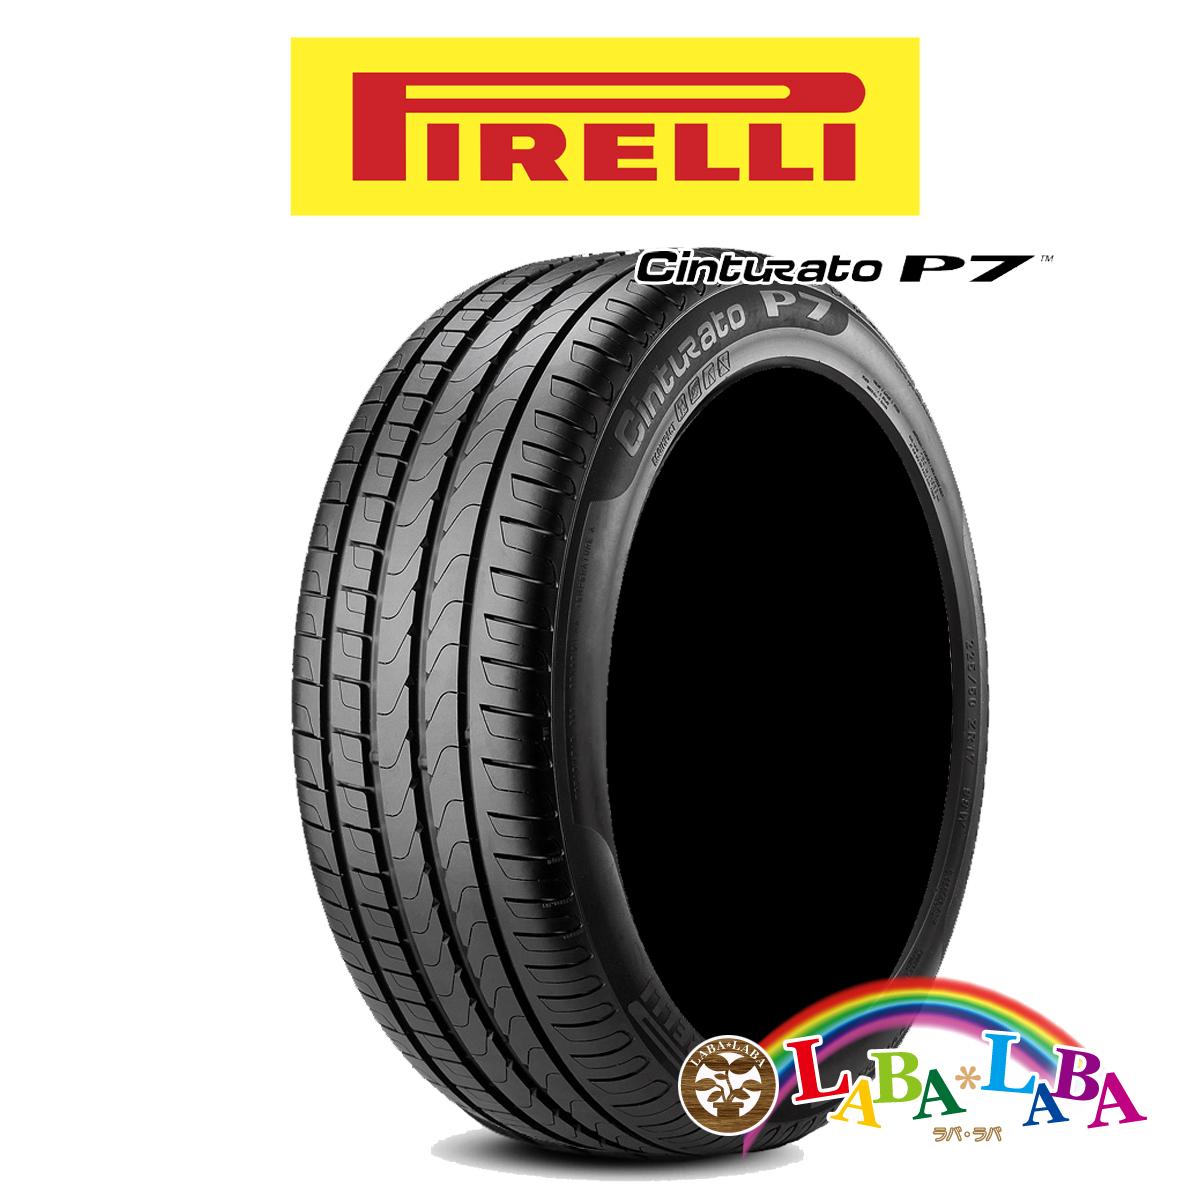 PIRELLI ピレリ Cinturato チントゥラート P7 RFT(*) 245/45R18 96Y ランフラット BMW